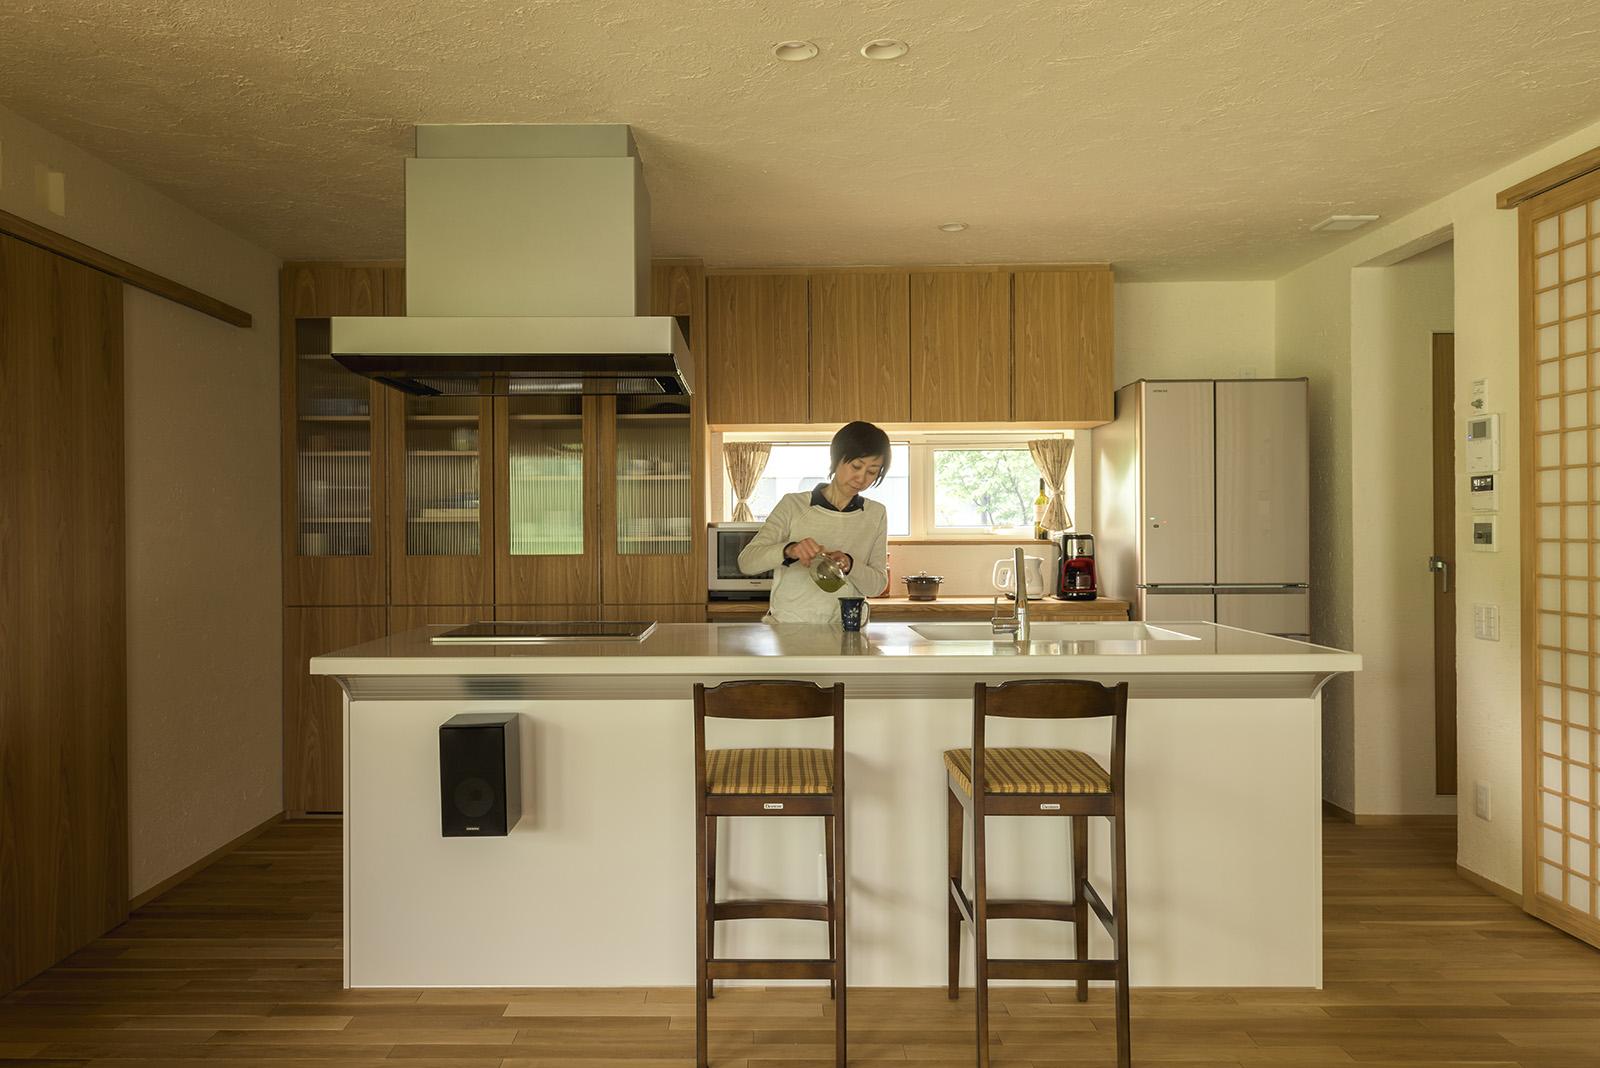 「アイランド型キッチンは、広くて使いやすくお気に入りです」。収納を考えられた造作の食器棚とカウンターなど、奥さんへの配慮が行き届いたキッチンスペース